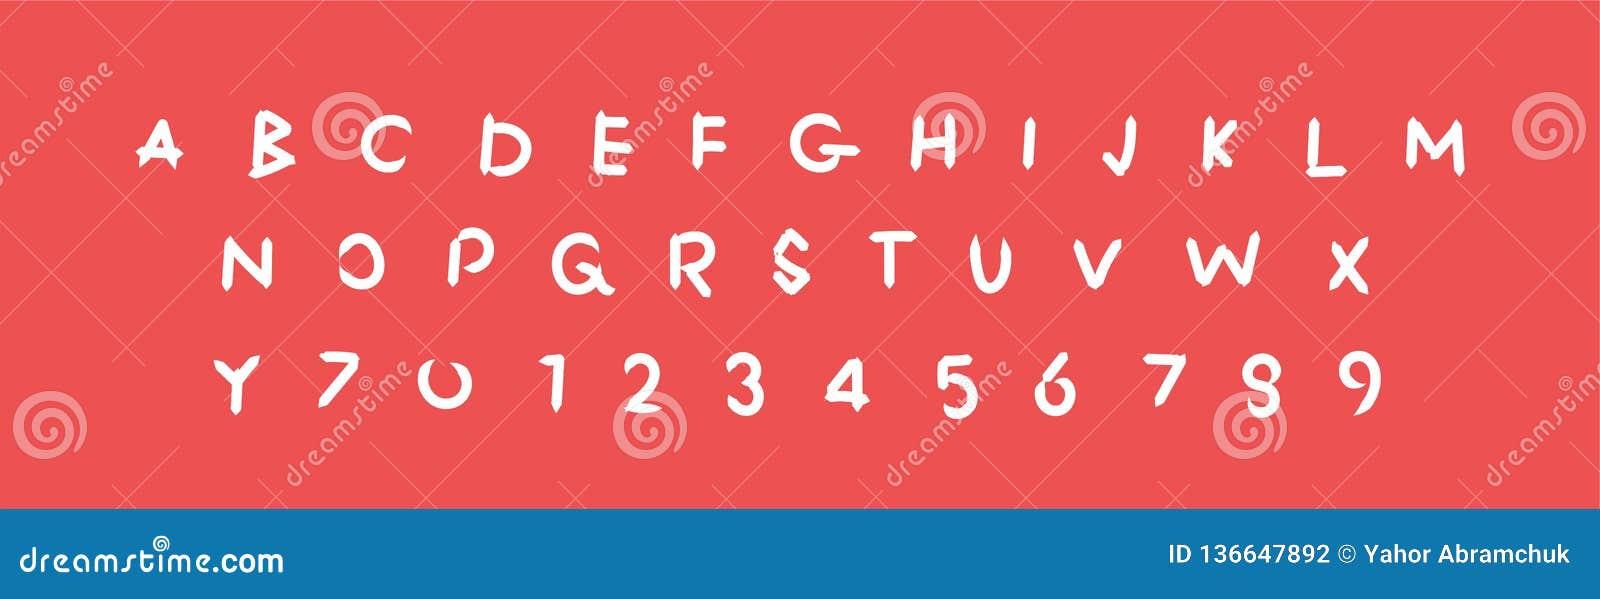 Alphabet de fantaisie, lettres de symbole, police d illustration d ABC de vecteur de lettre, signe